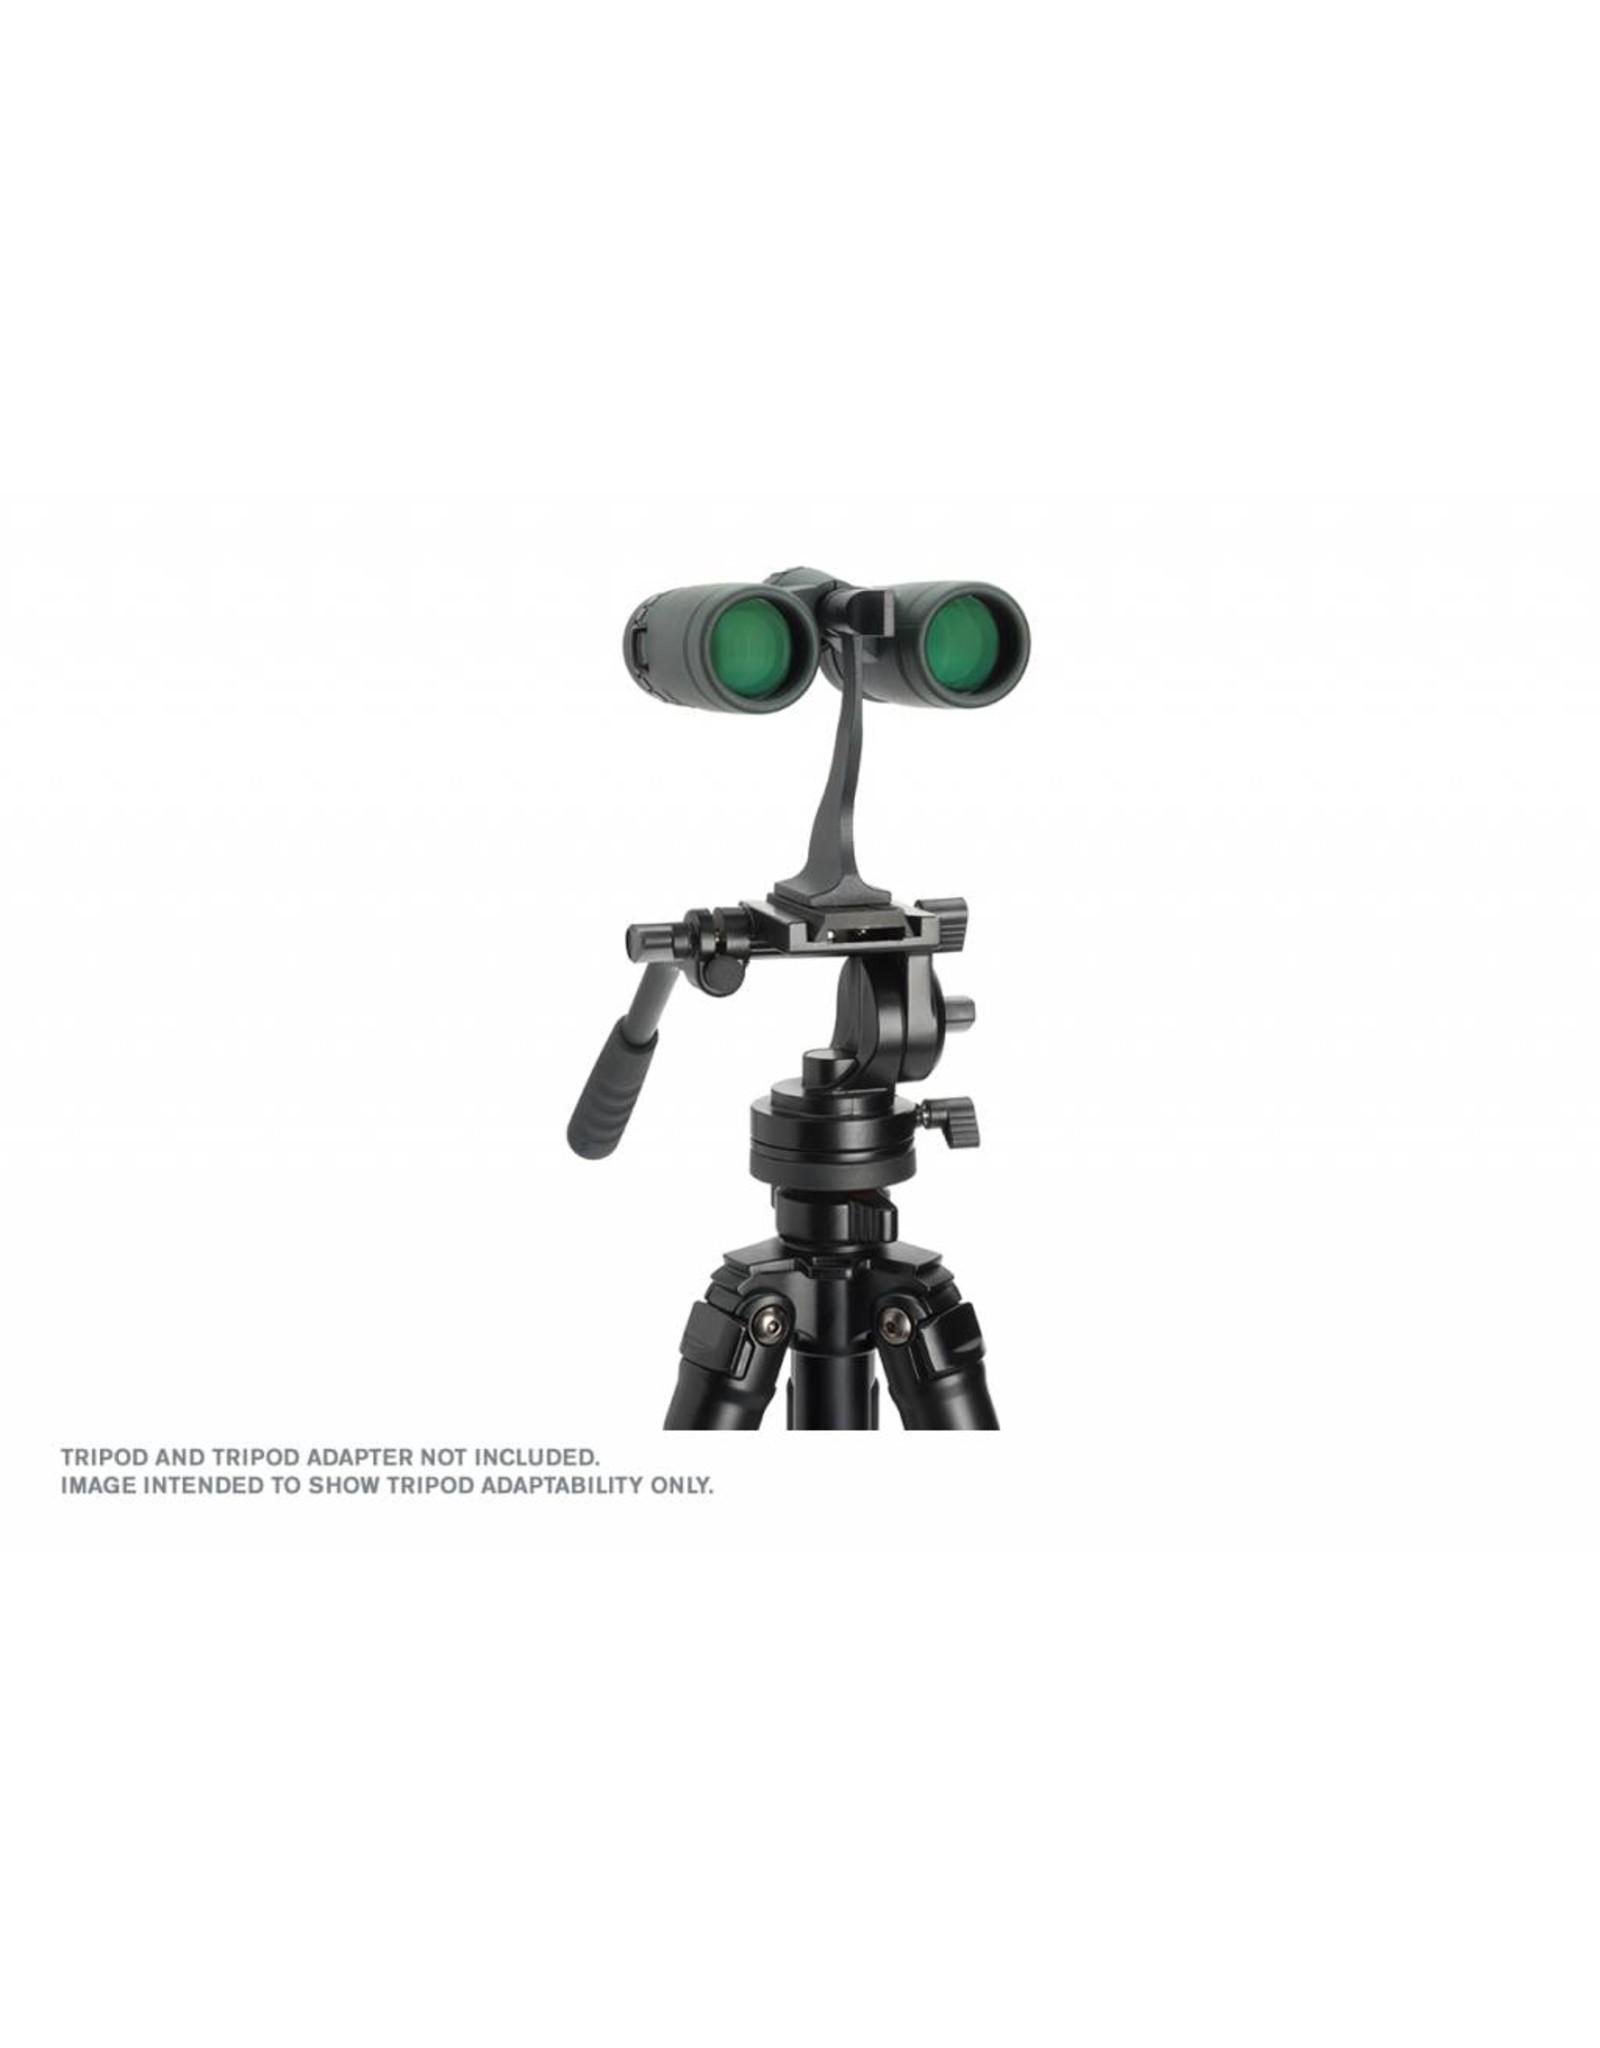 Celestron Celestron TrailSeeker 8x42 Binoculars